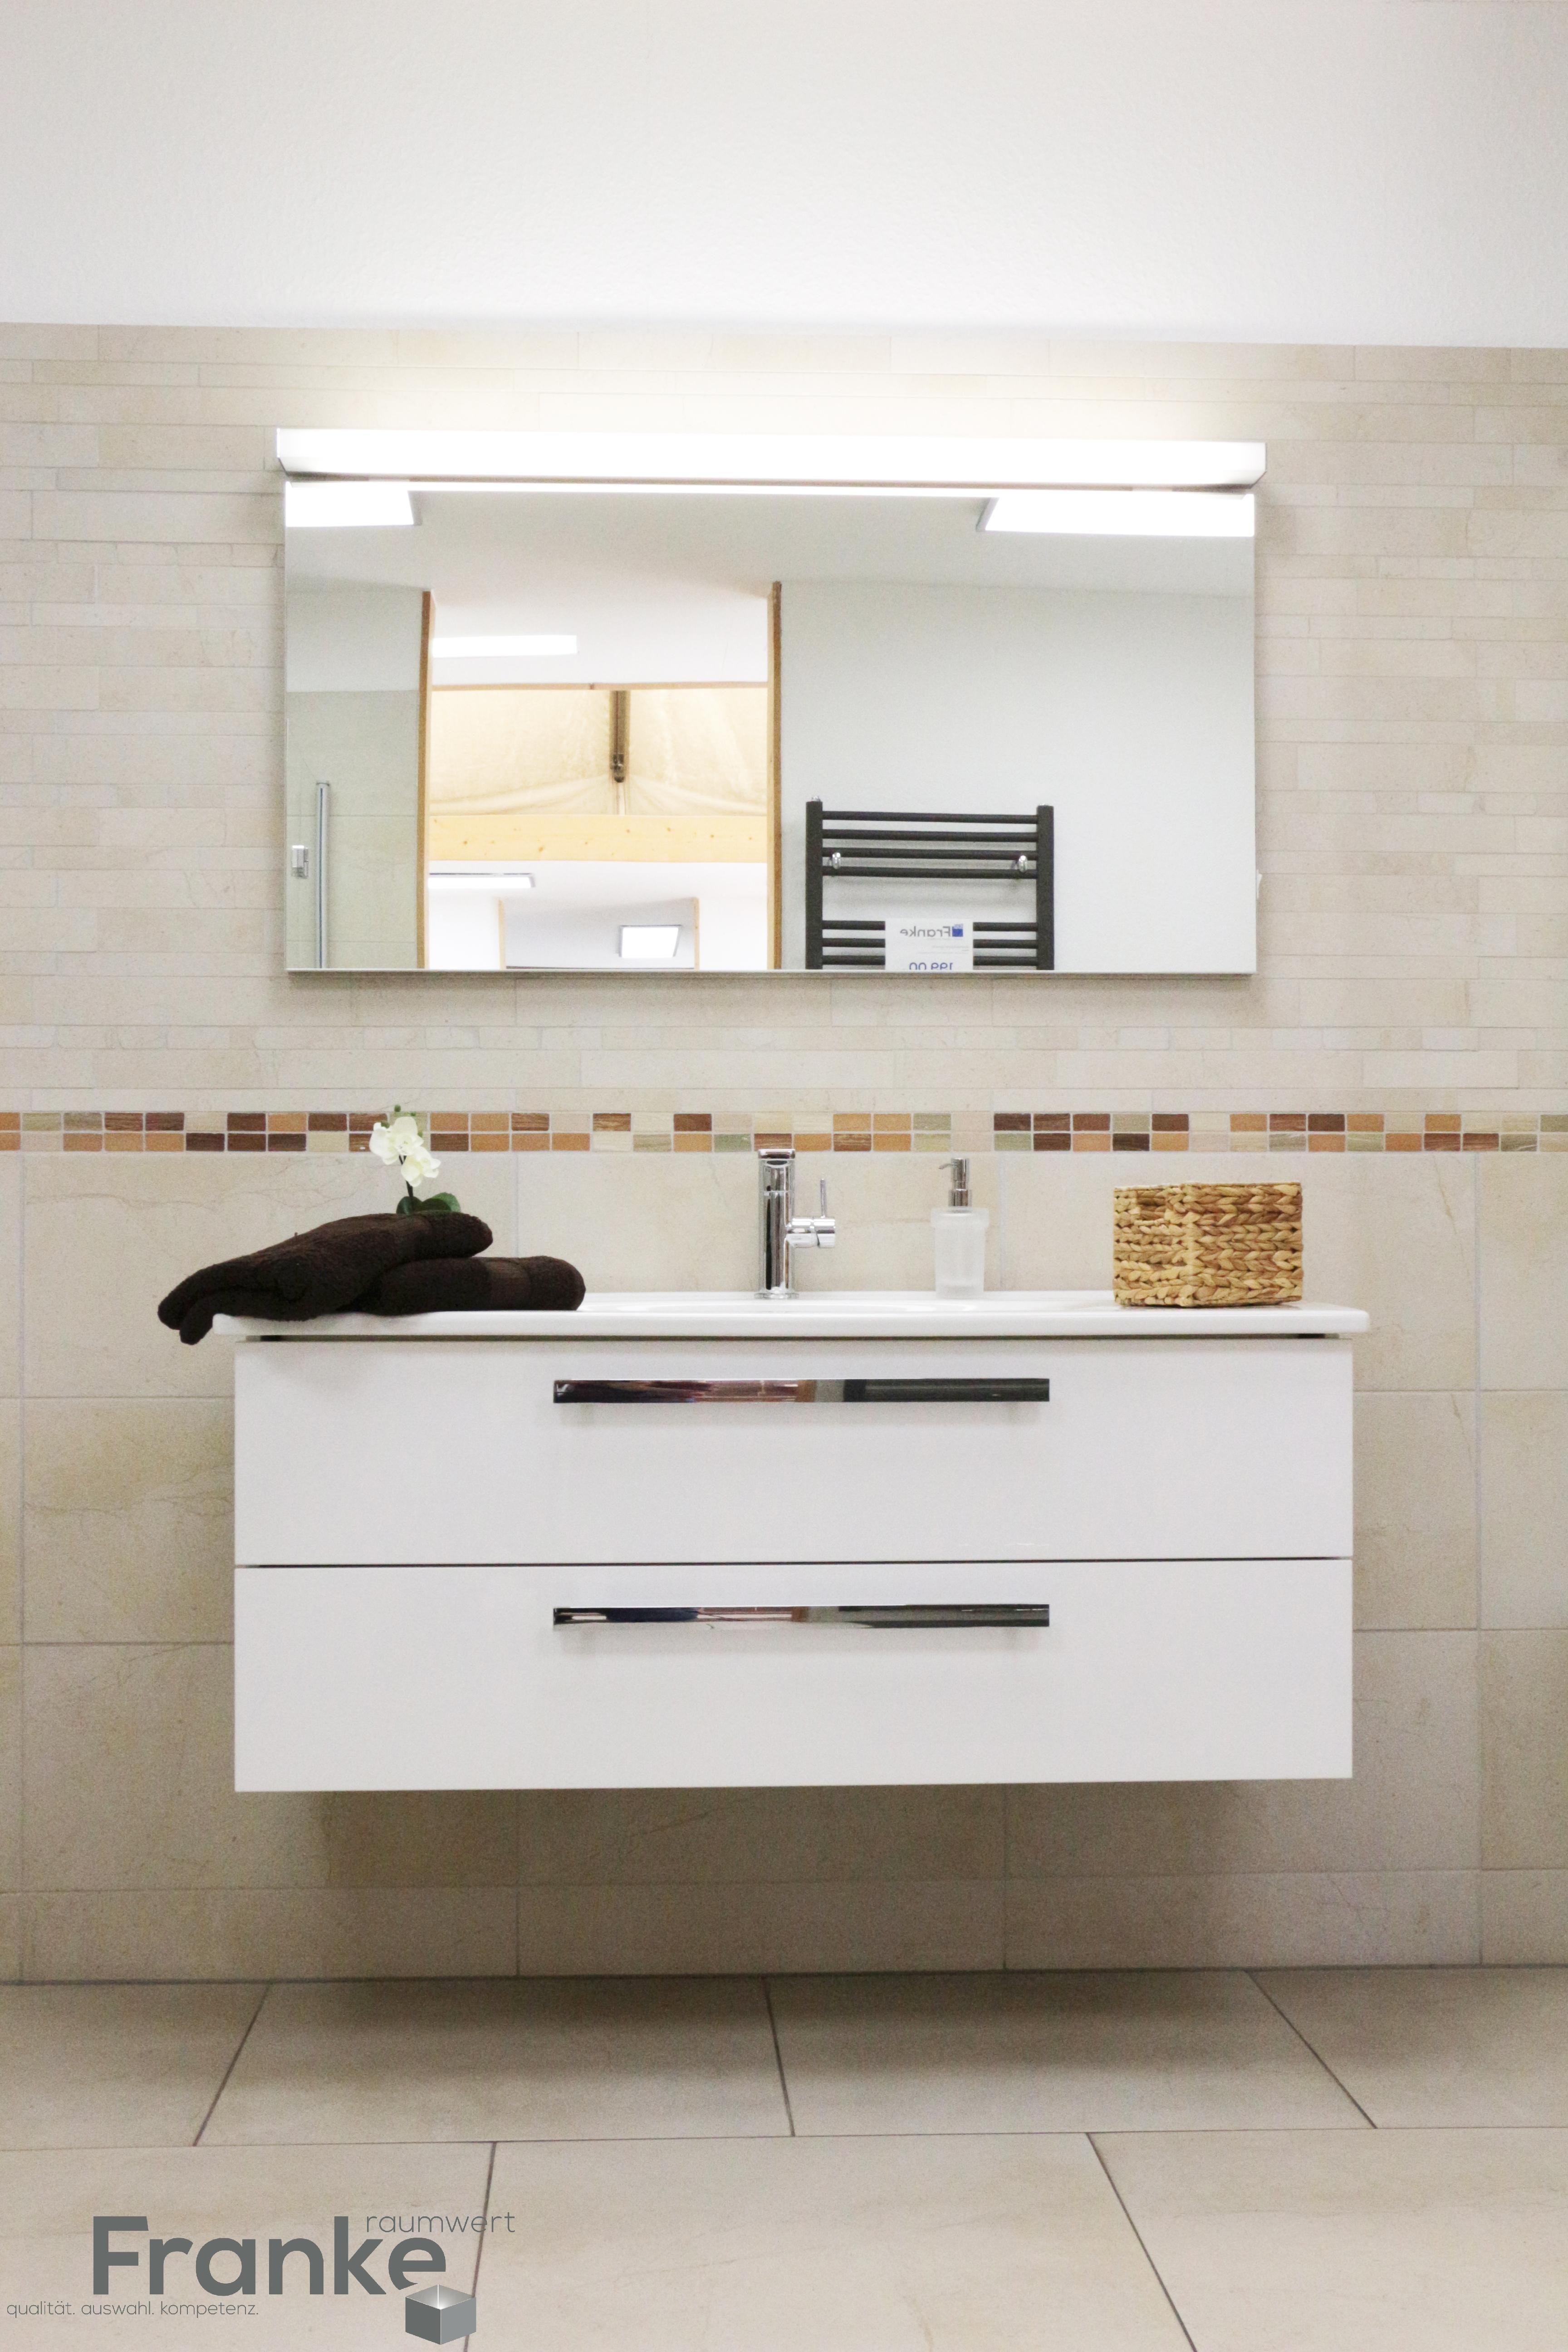 Waschtischanlage Mit Zwei Auszügen. #Bad #Badezimmer #Fliesen #Waschtisch  #Waschbecken #Spiegel #GästeWC #frankeraumwert #menden